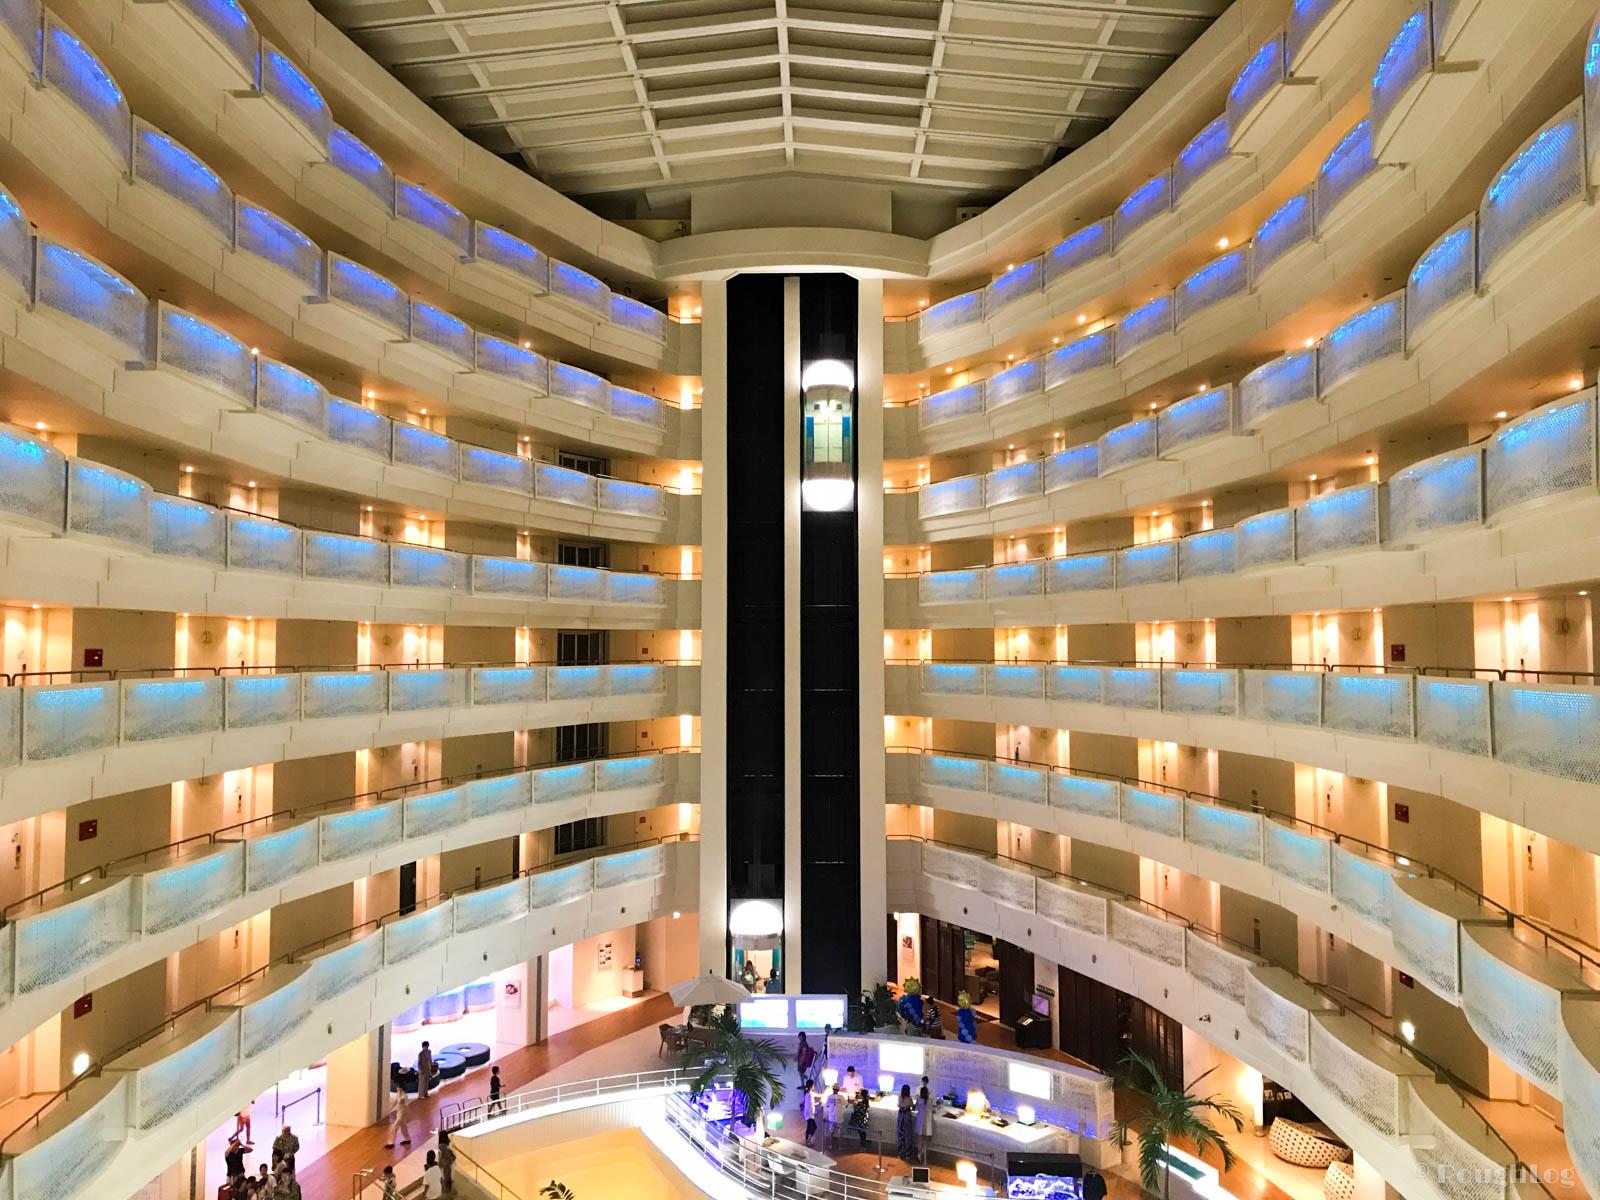 ANAインターコンチネンタル万座ビーチリゾートのホテルロビー